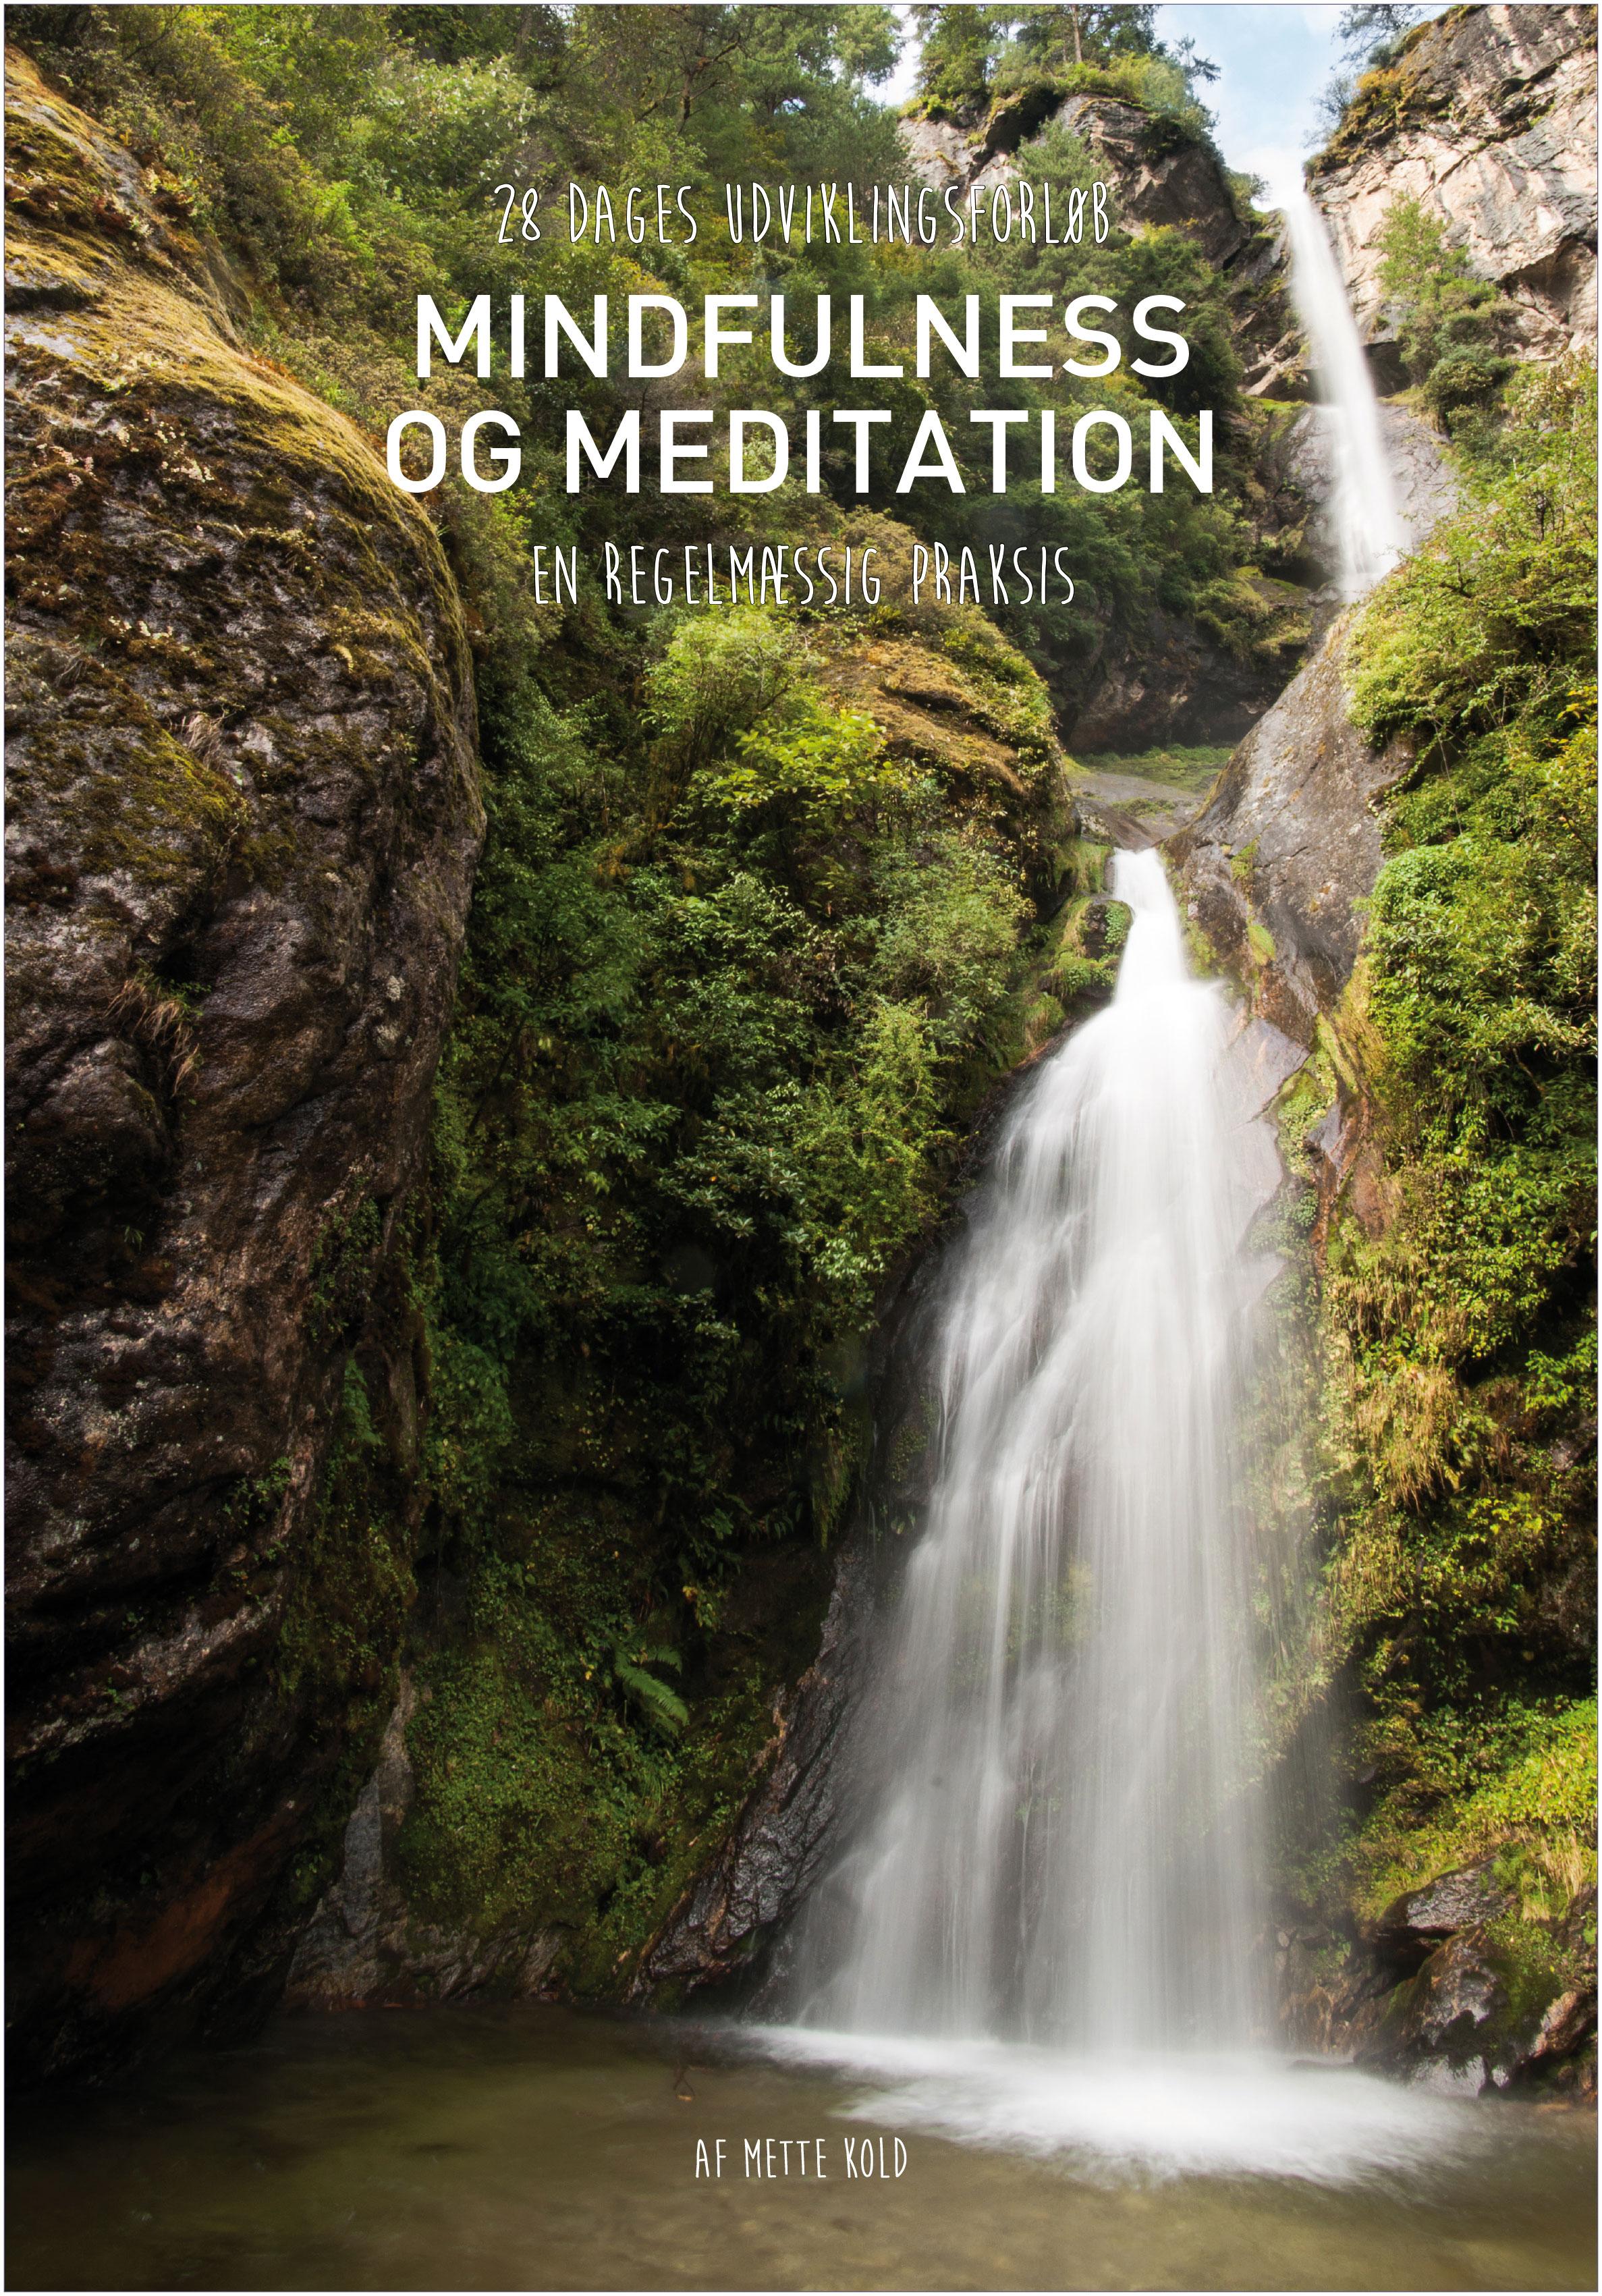 Mindfulness og meditation - en regelmæssig praksis - e-bog fra N/A fra bog & mystik